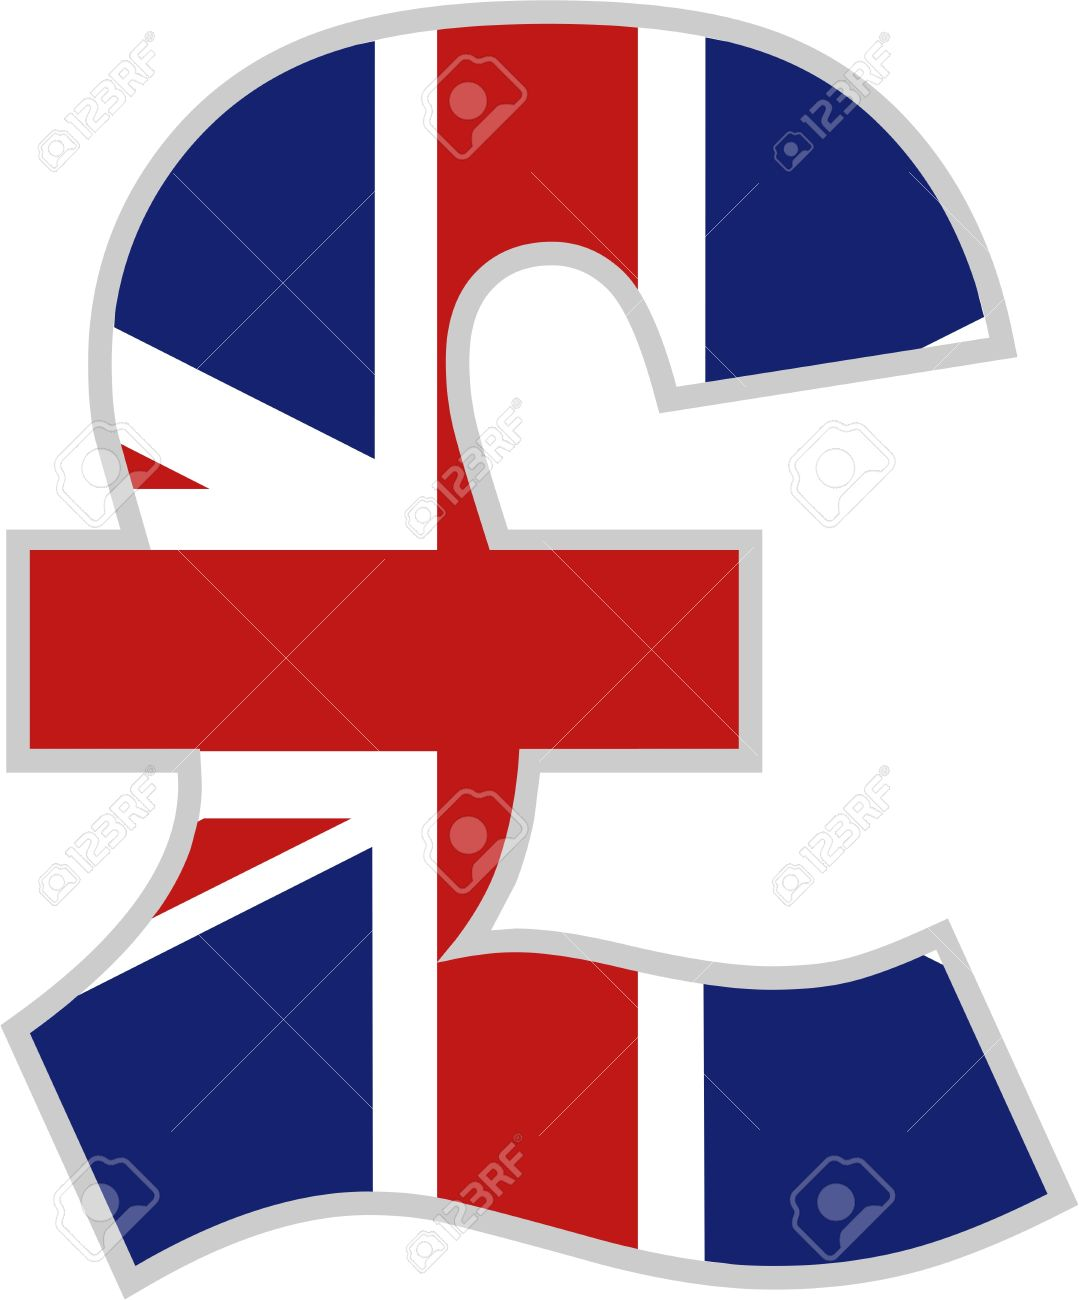 Currency symbol for british pound image collections symbols and british currency symbol british pound symbol with british currency symbol biocorpaavc buycottarizona Choice Image